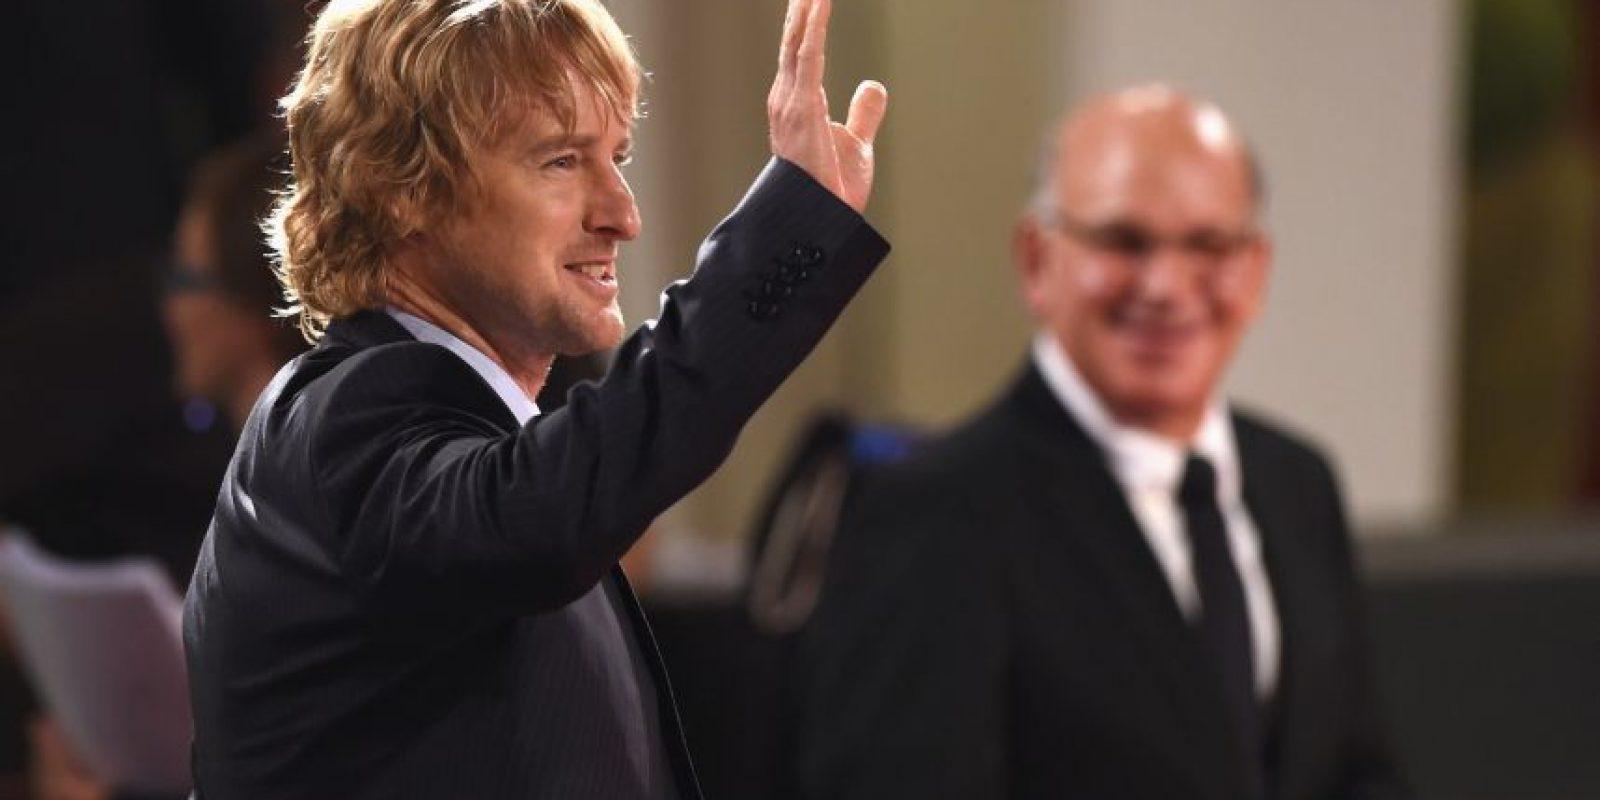 El 26 de agosto de 2007 Wilson, actor de películas como Los Rompebodas, fue llevado al Hospital St. John en Santa Mónica, California, después de que se informara que habría intentado suicidarse en su casa. Foto:Getty Images